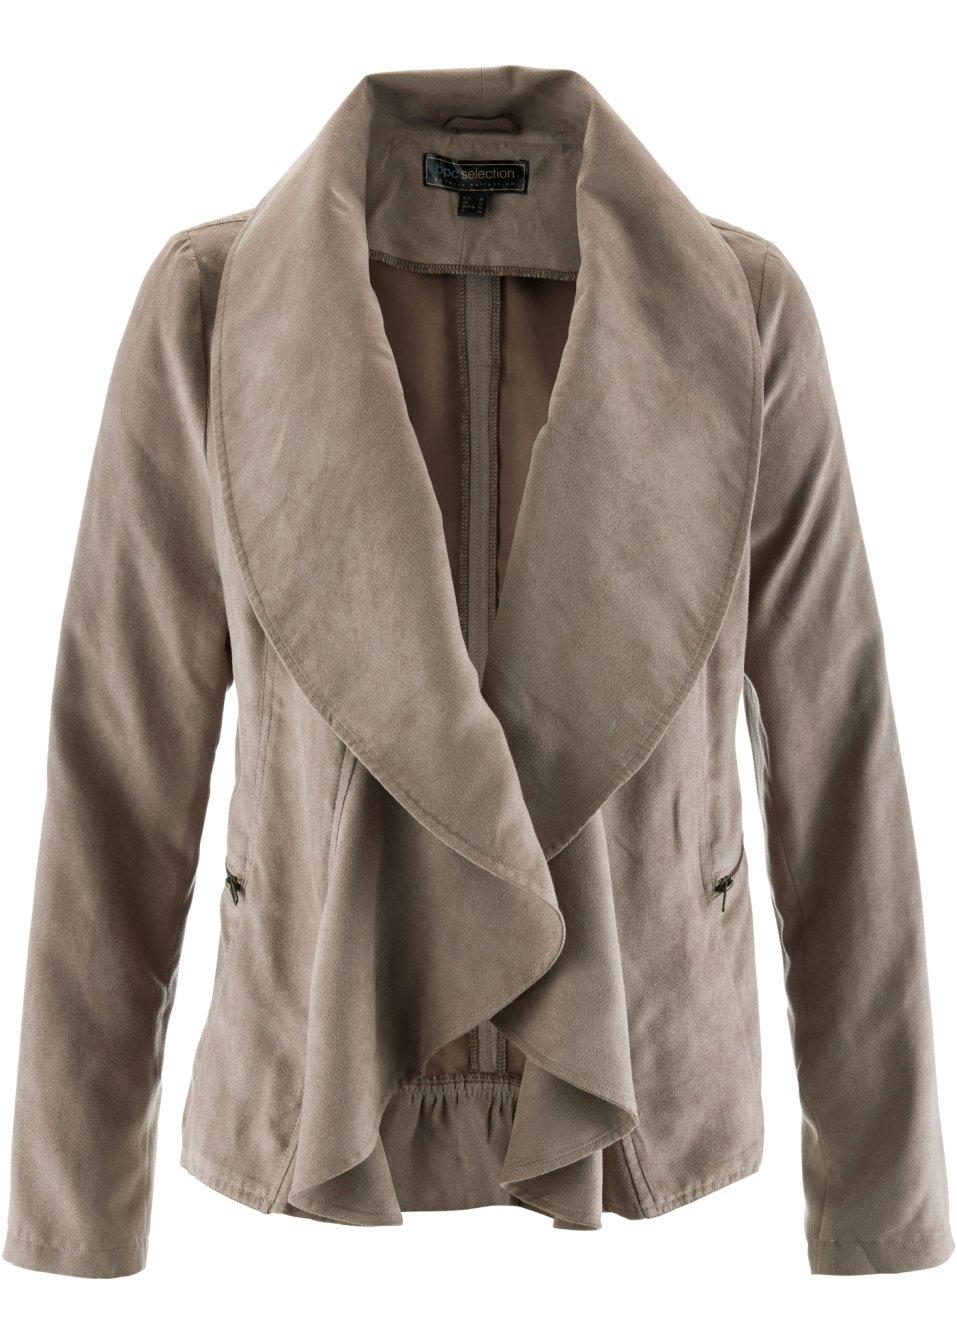 blazer marron femme bpc selection. Black Bedroom Furniture Sets. Home Design Ideas